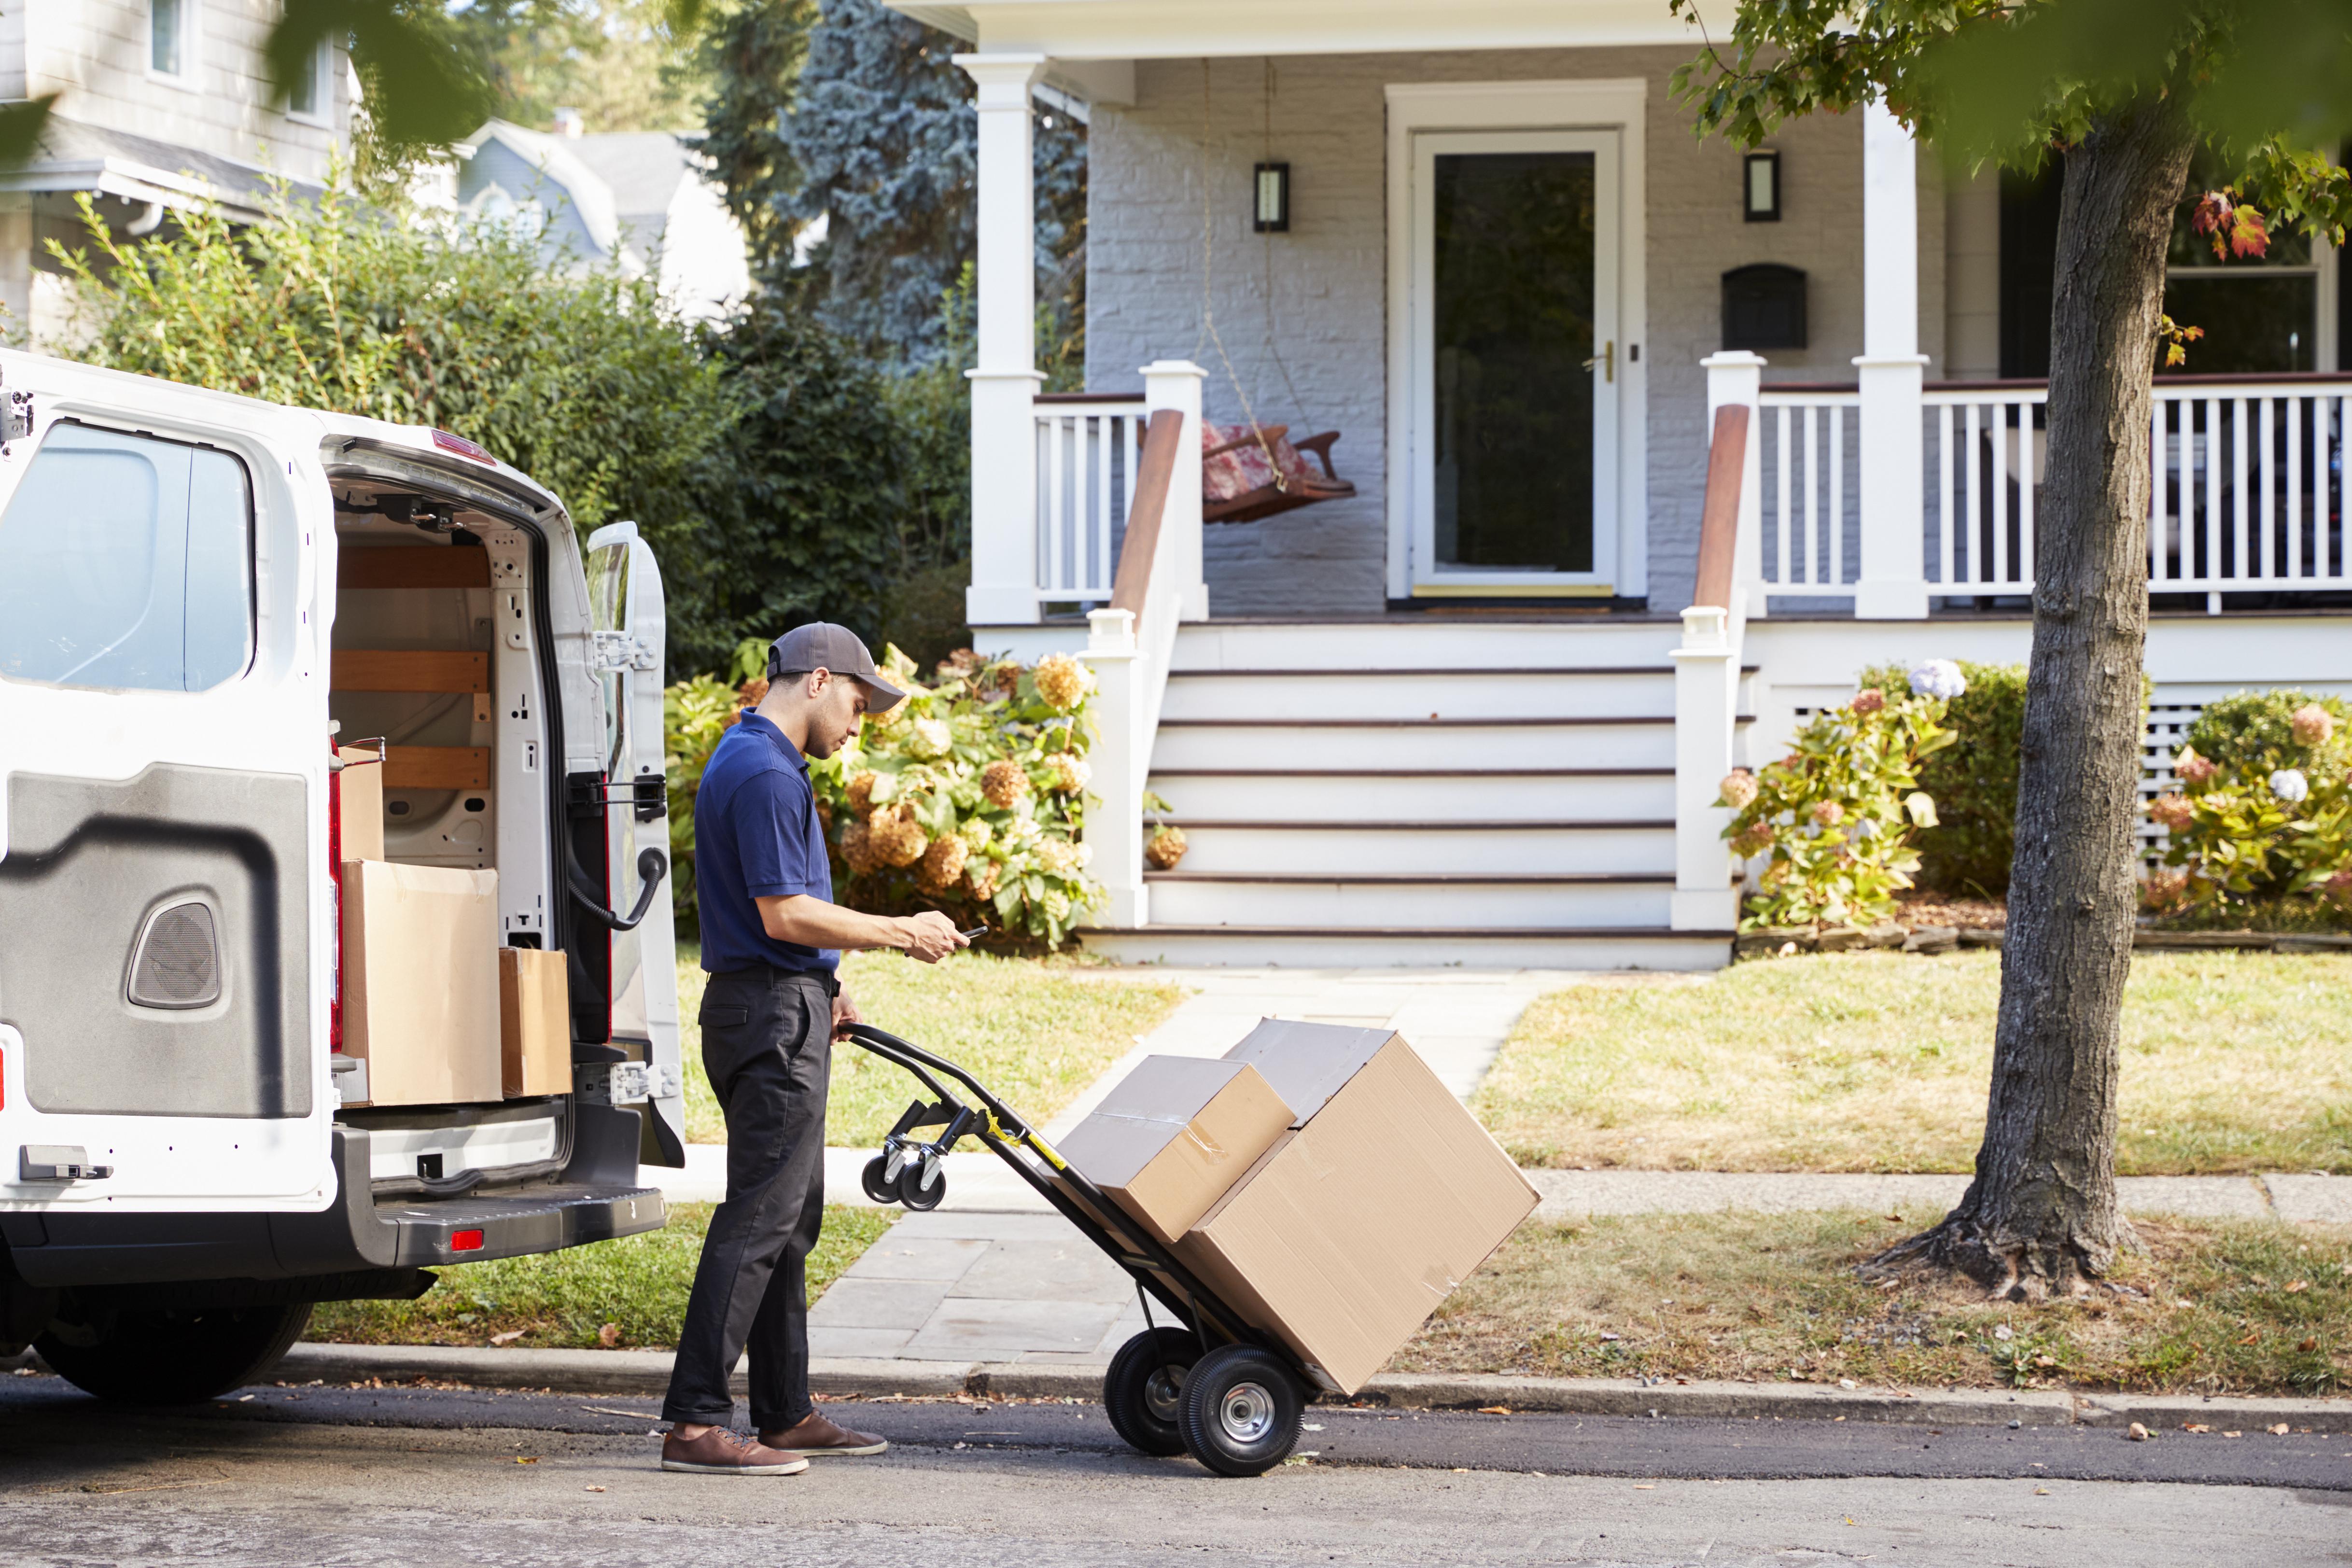 Man delivering package